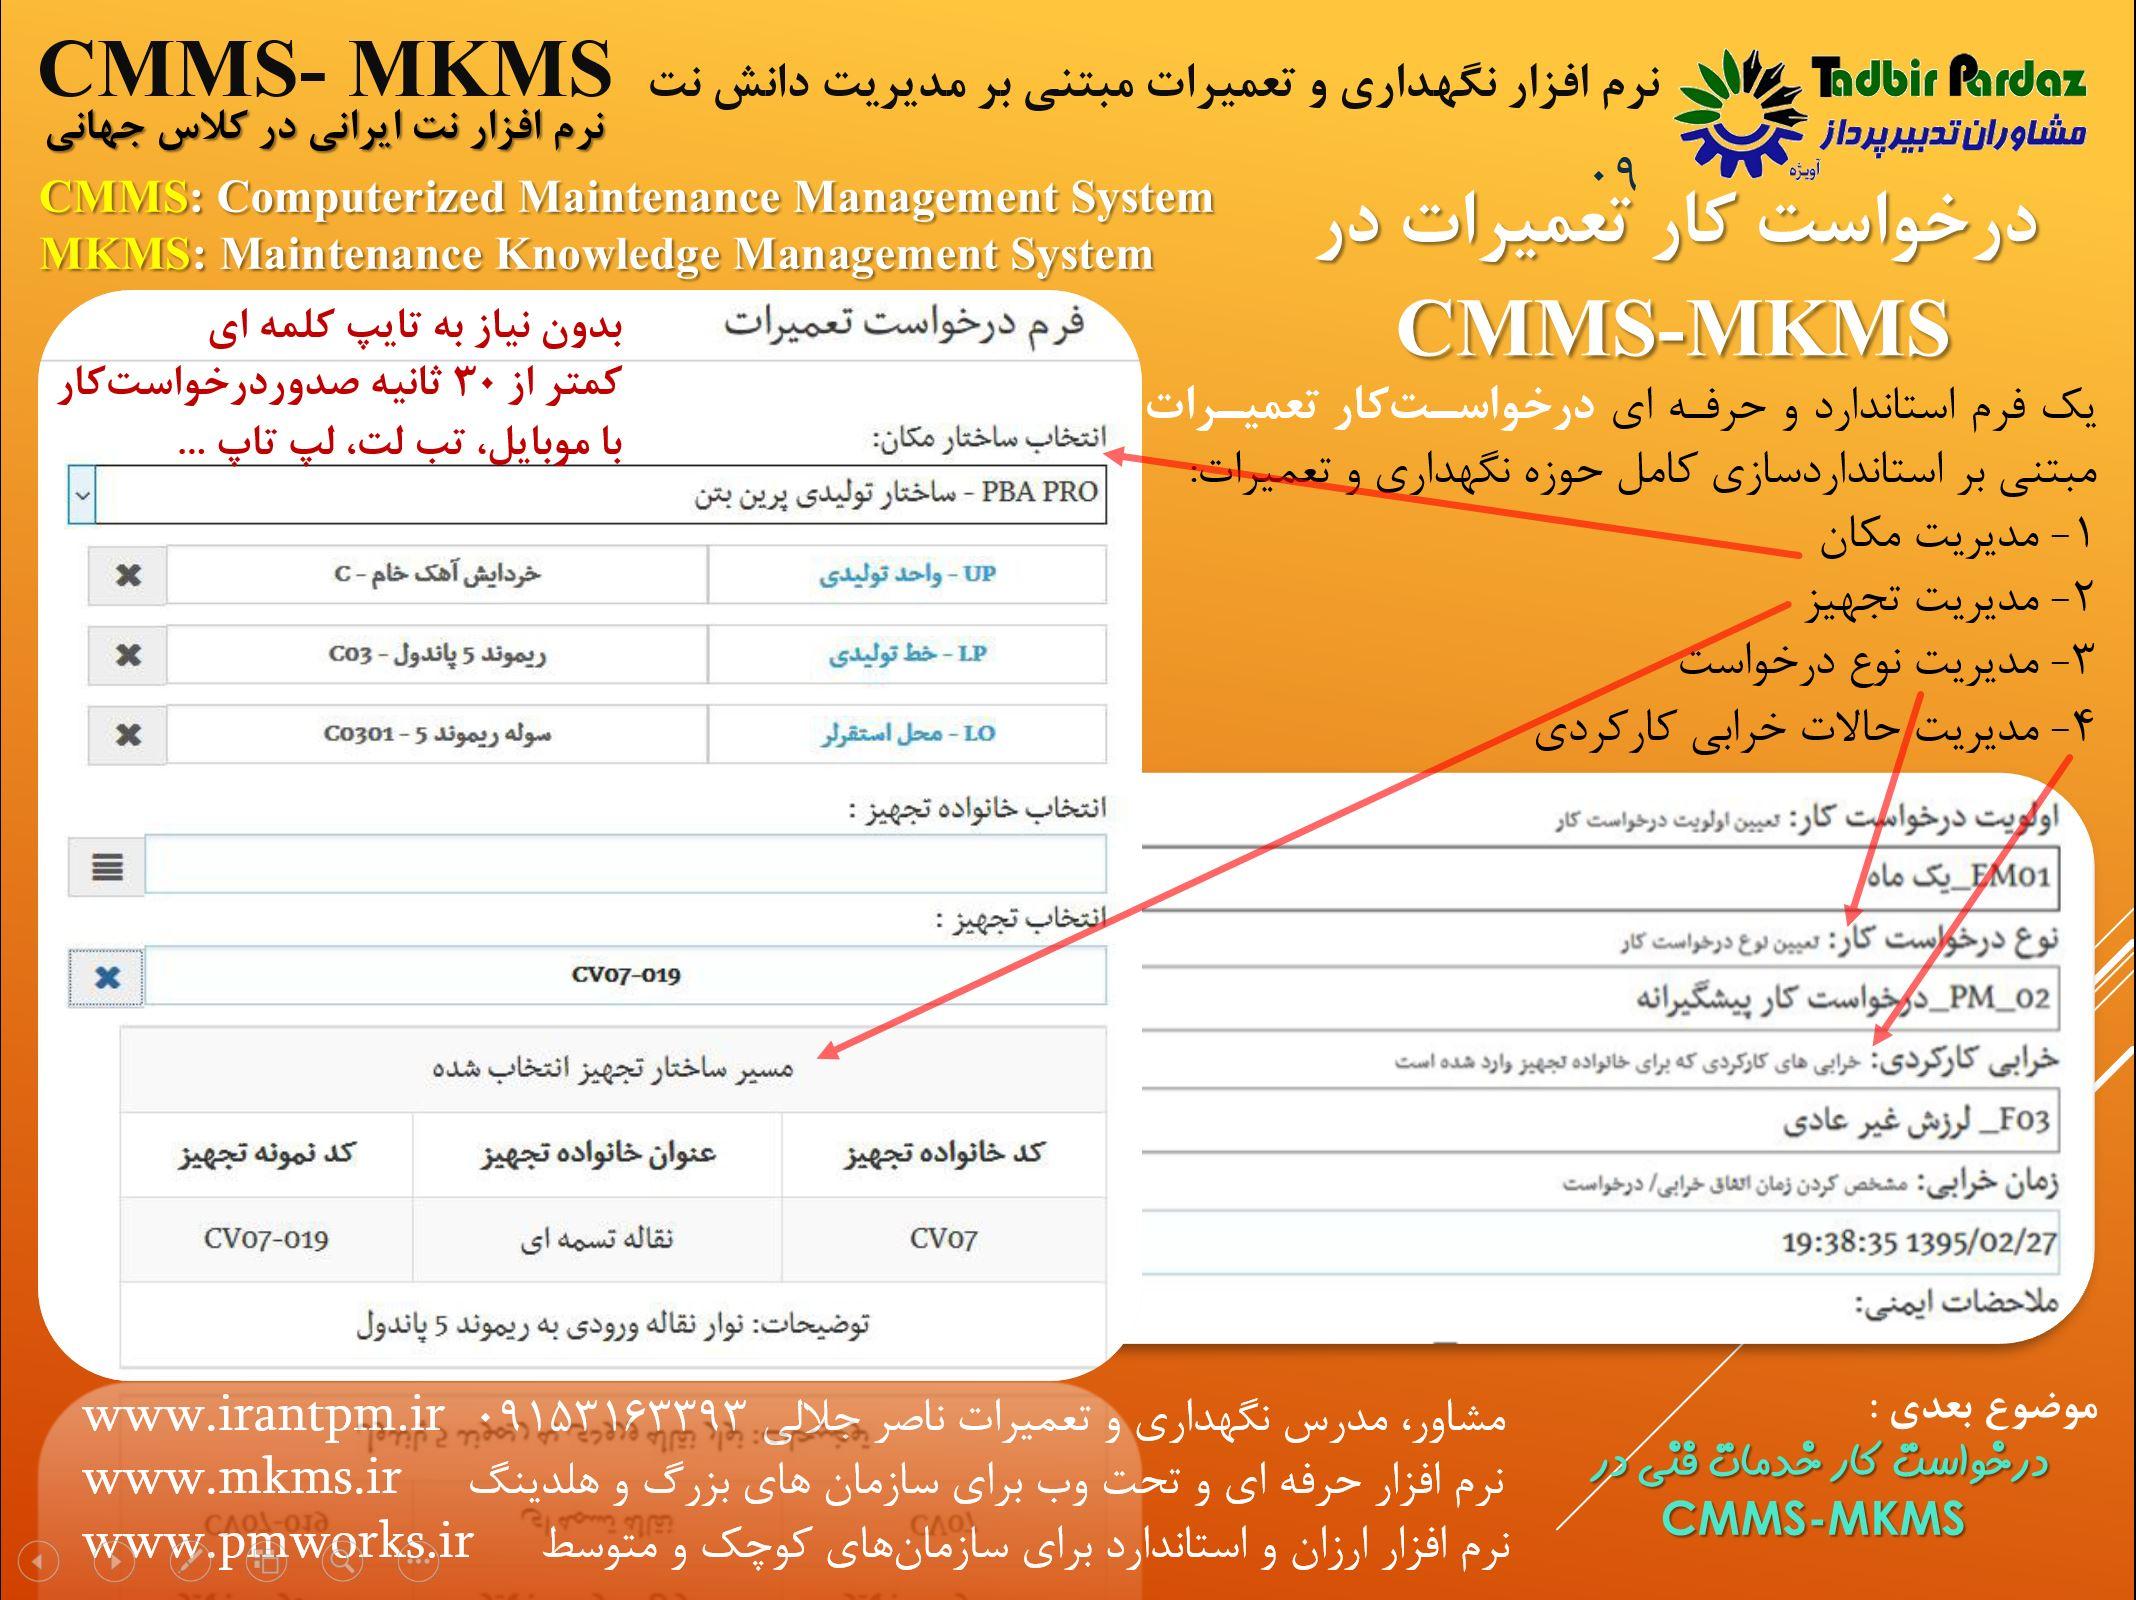 CMMS 10 MKMS Jalali  09153163393